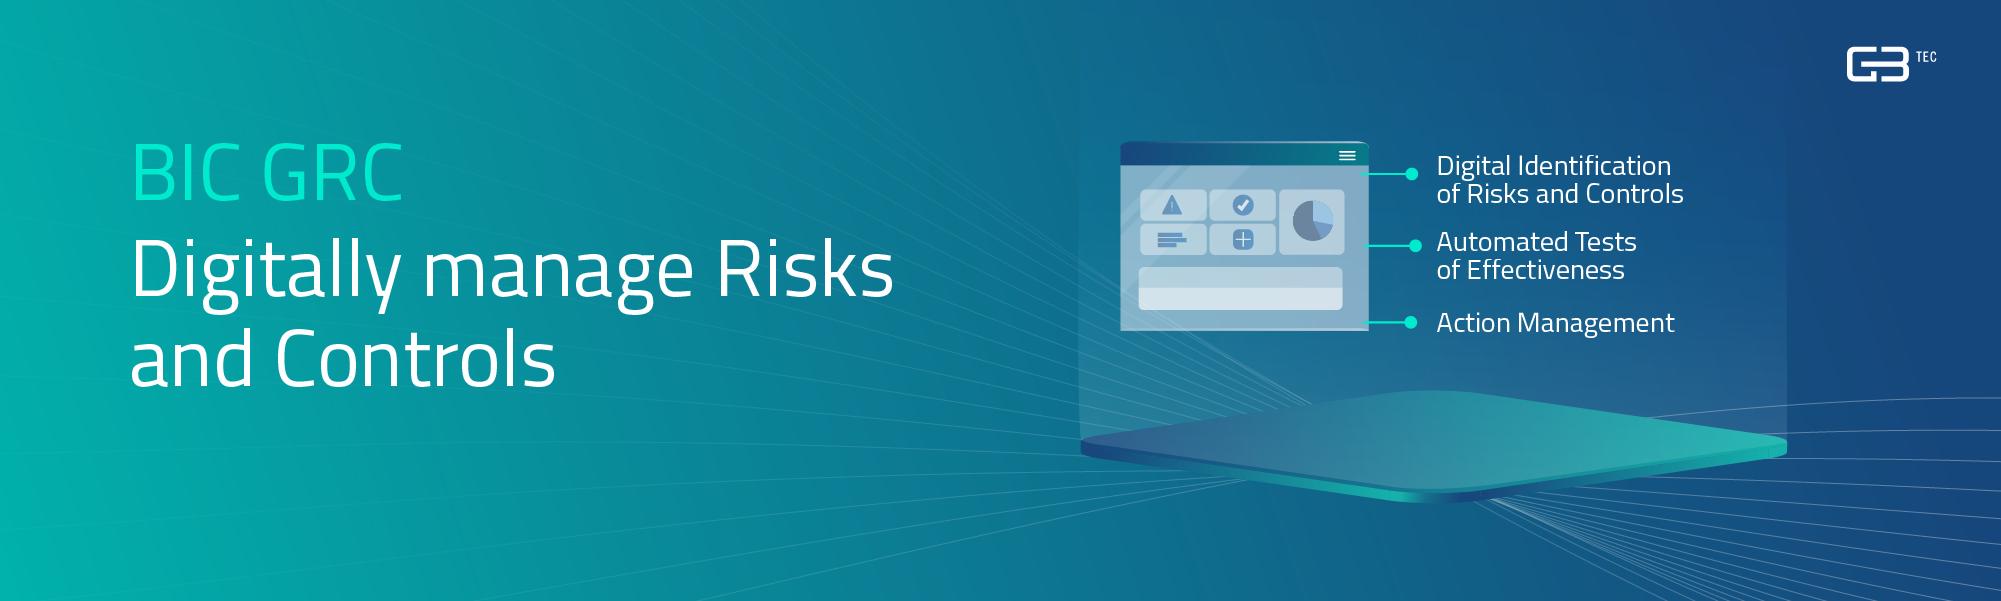 Bewertungen BIC GRC: GRC Software für ein verantwortungsvolles Management Ihrer R - appvizer